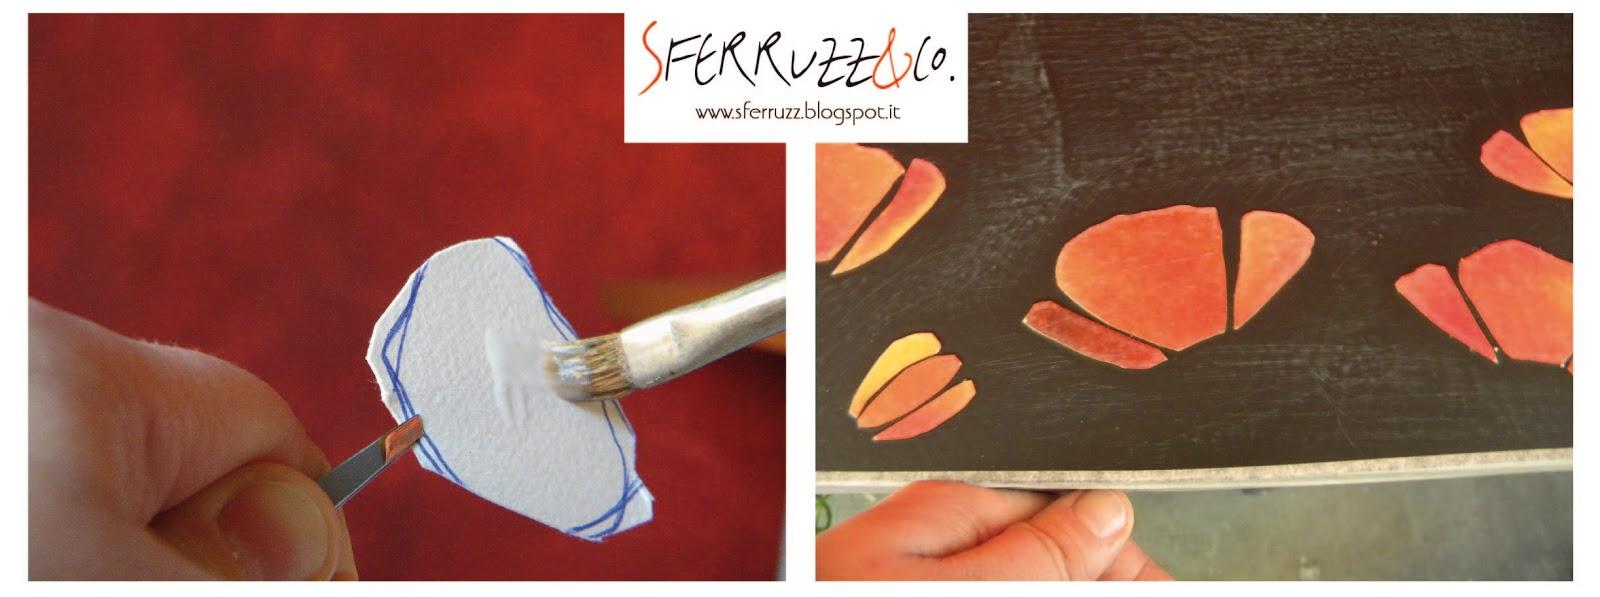 Sferruzz co i papaveri e la f rmica storia di un tavolo ridipinto - Decoupage su mobili in formica ...